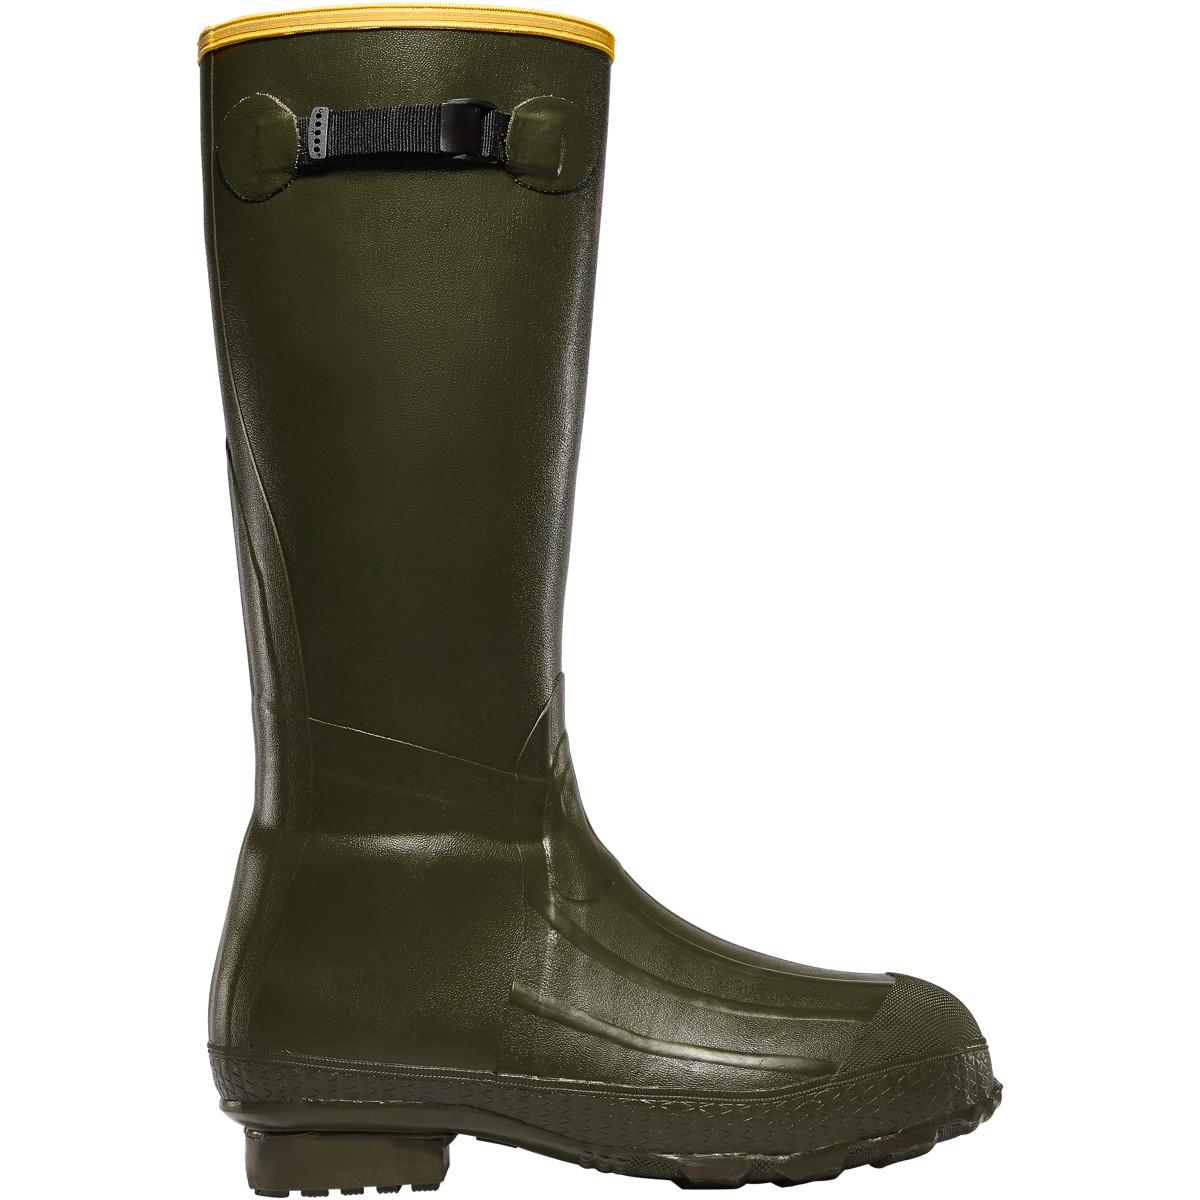 pour Od de 26604012 Burly Boot Hunting Green 12m Botte Lacrosse 18 Burly po Classic Homme classique chasse 12m de 26604012 Vert TdRfnq8